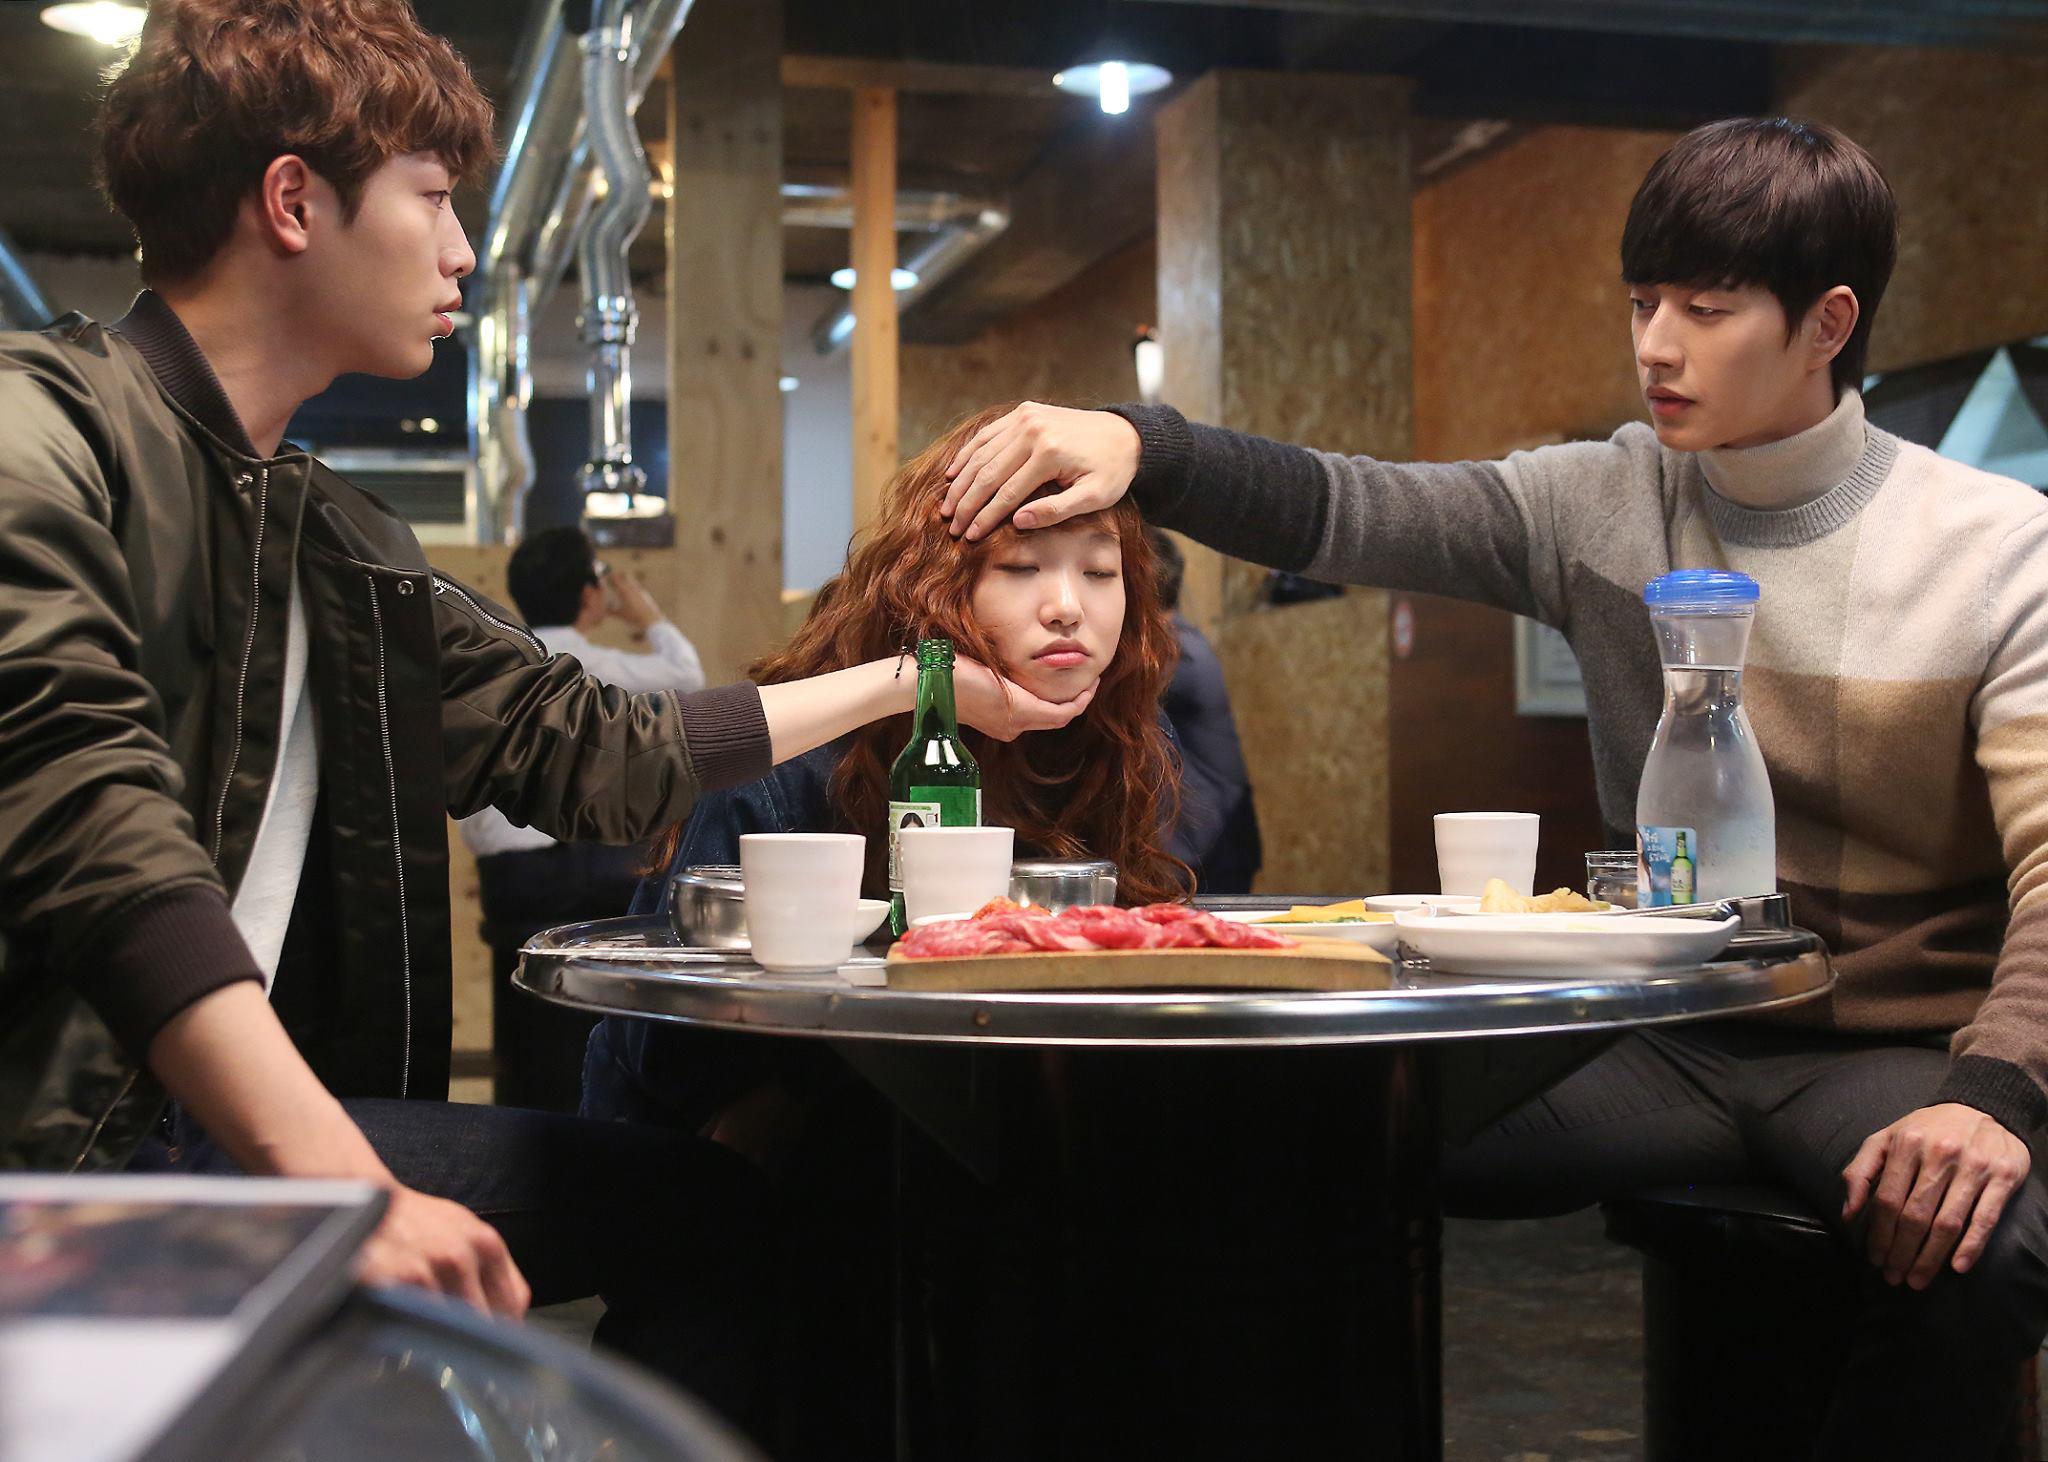 最近在韓國討論度極高的戲劇《捕鼠器裡的奶酪》,花美男演員可說是這部劇的看點之一♥